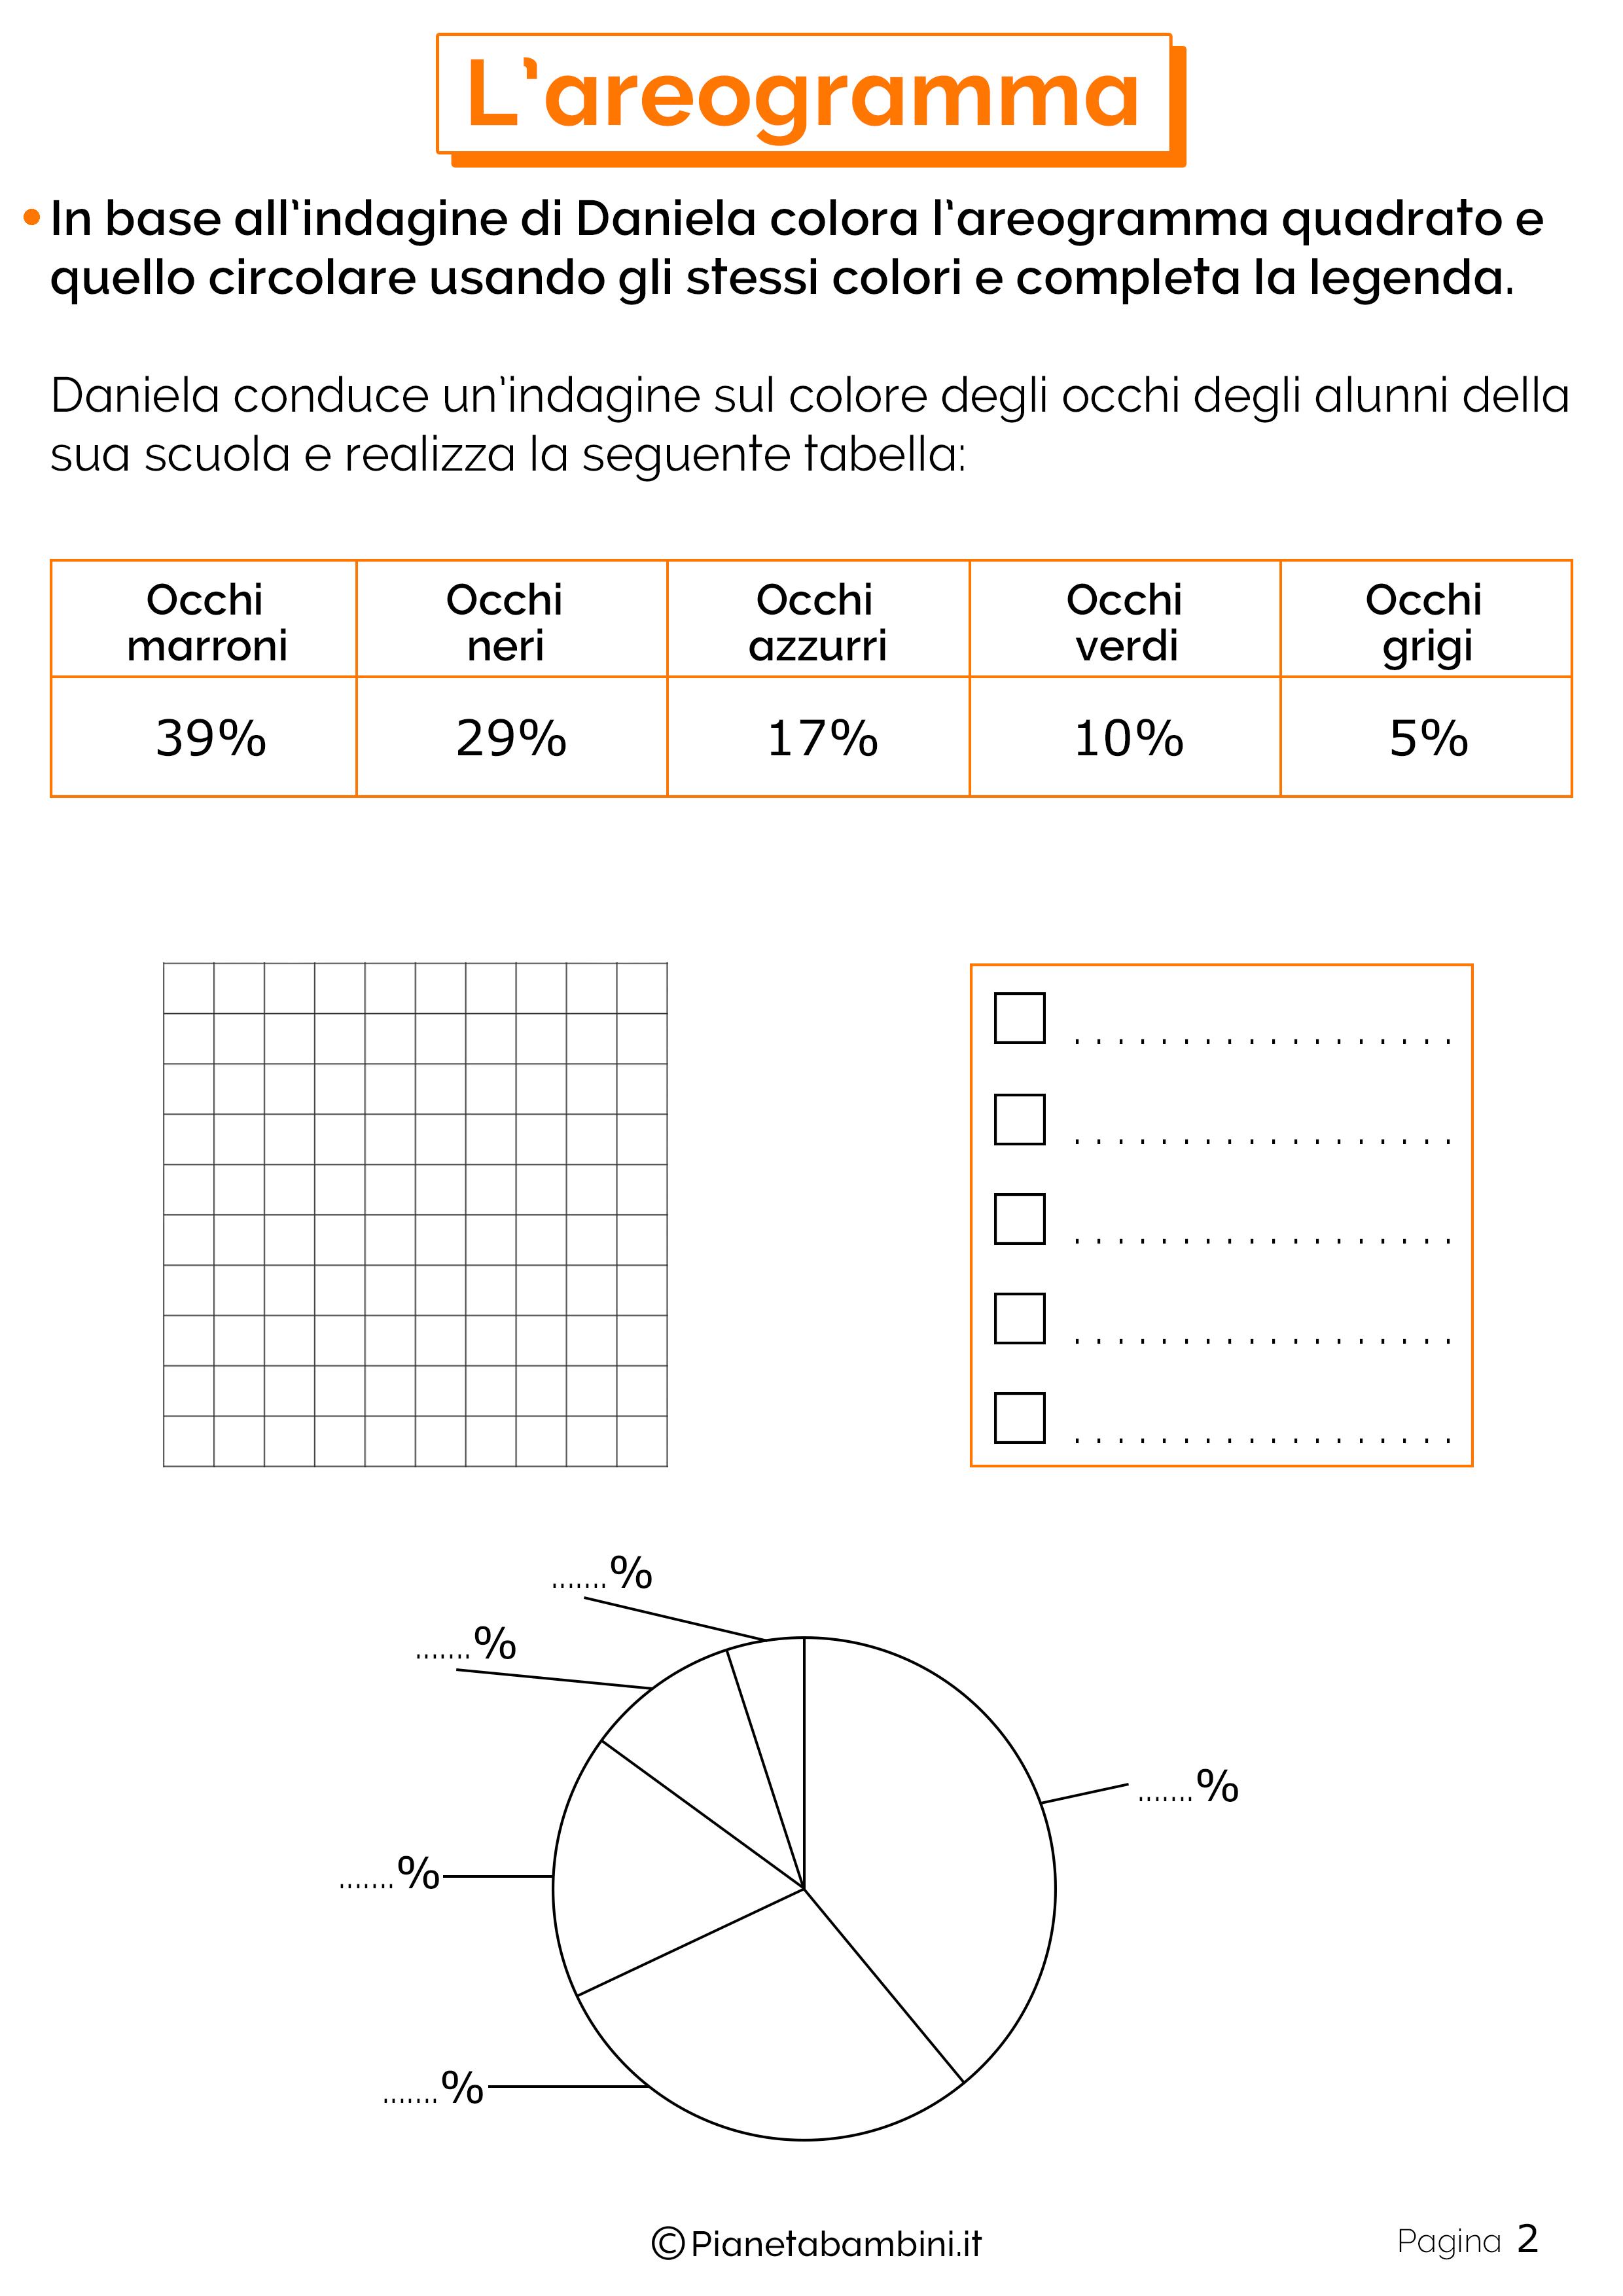 Schede didattiche sull'areogramma 2